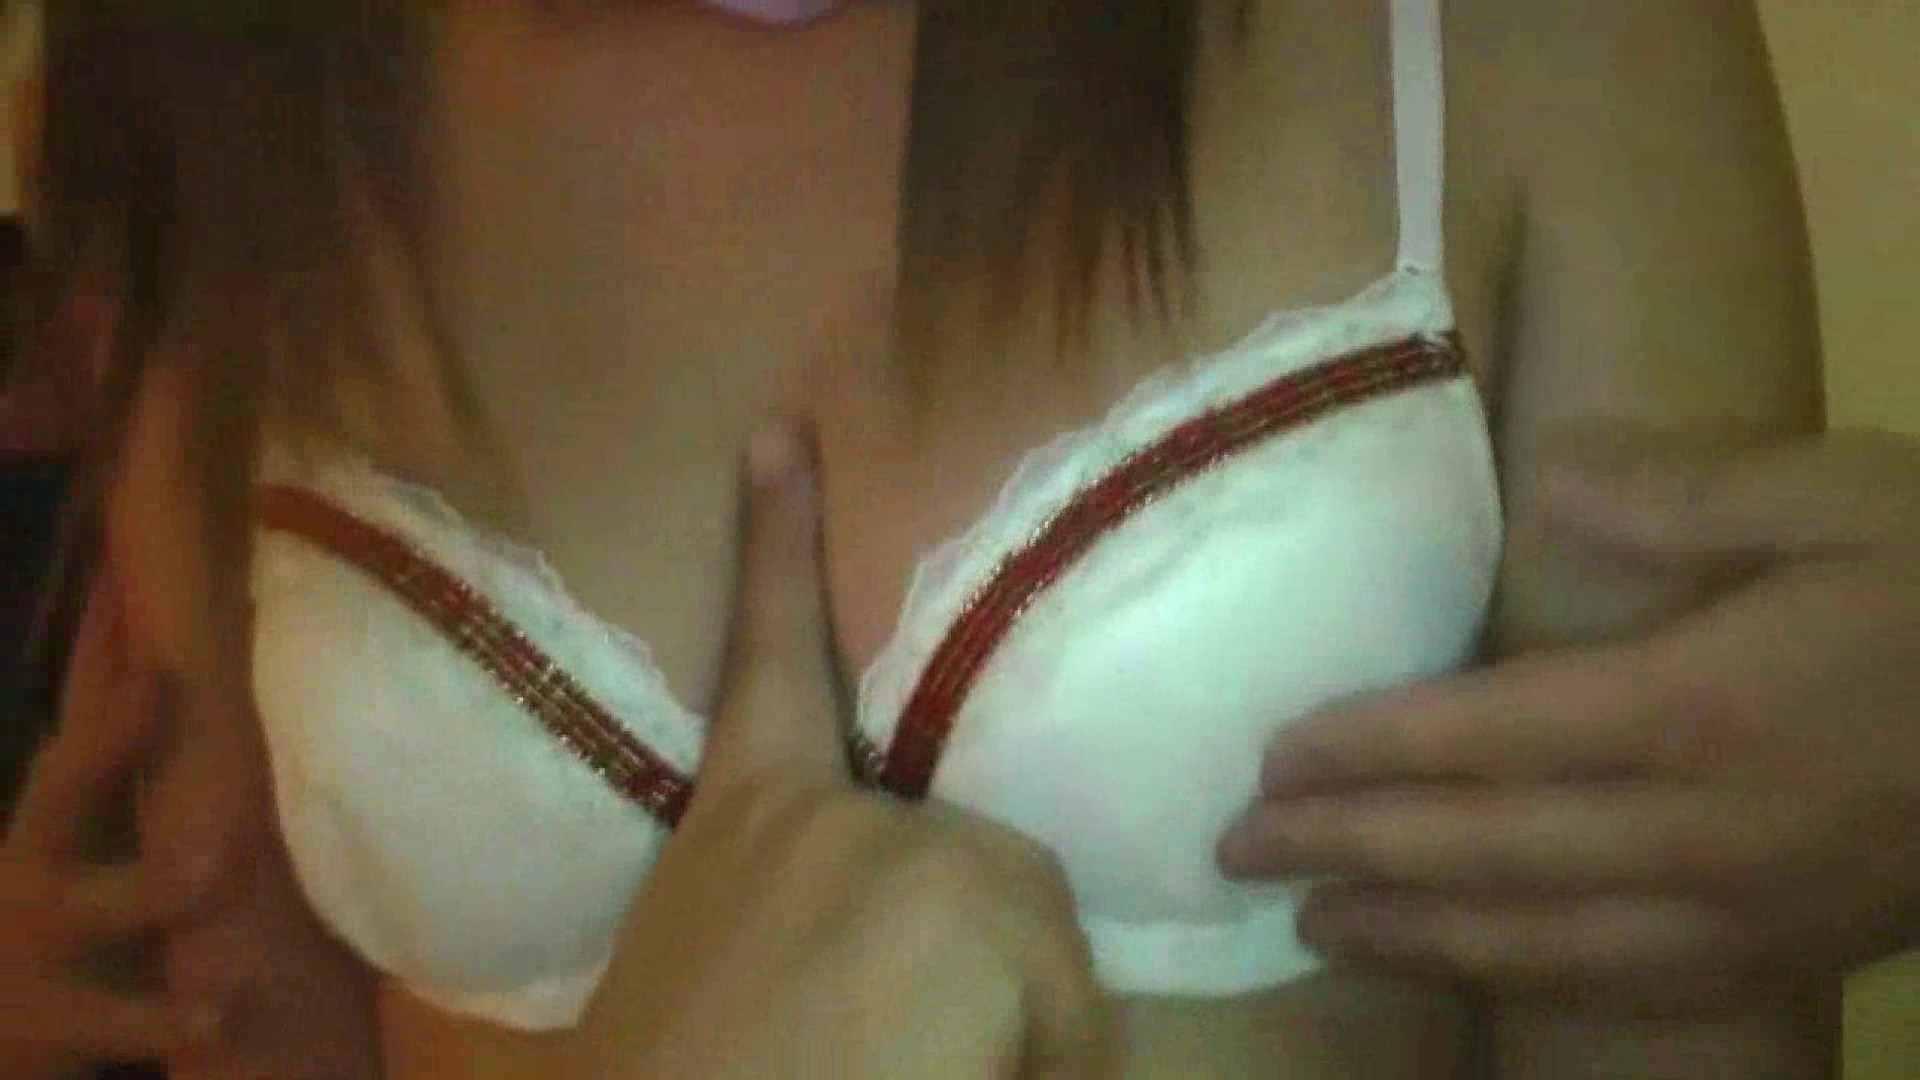 美女だらけの乱交パーティーvol.06前編 グループ おめこ無修正動画無料 100pic 24